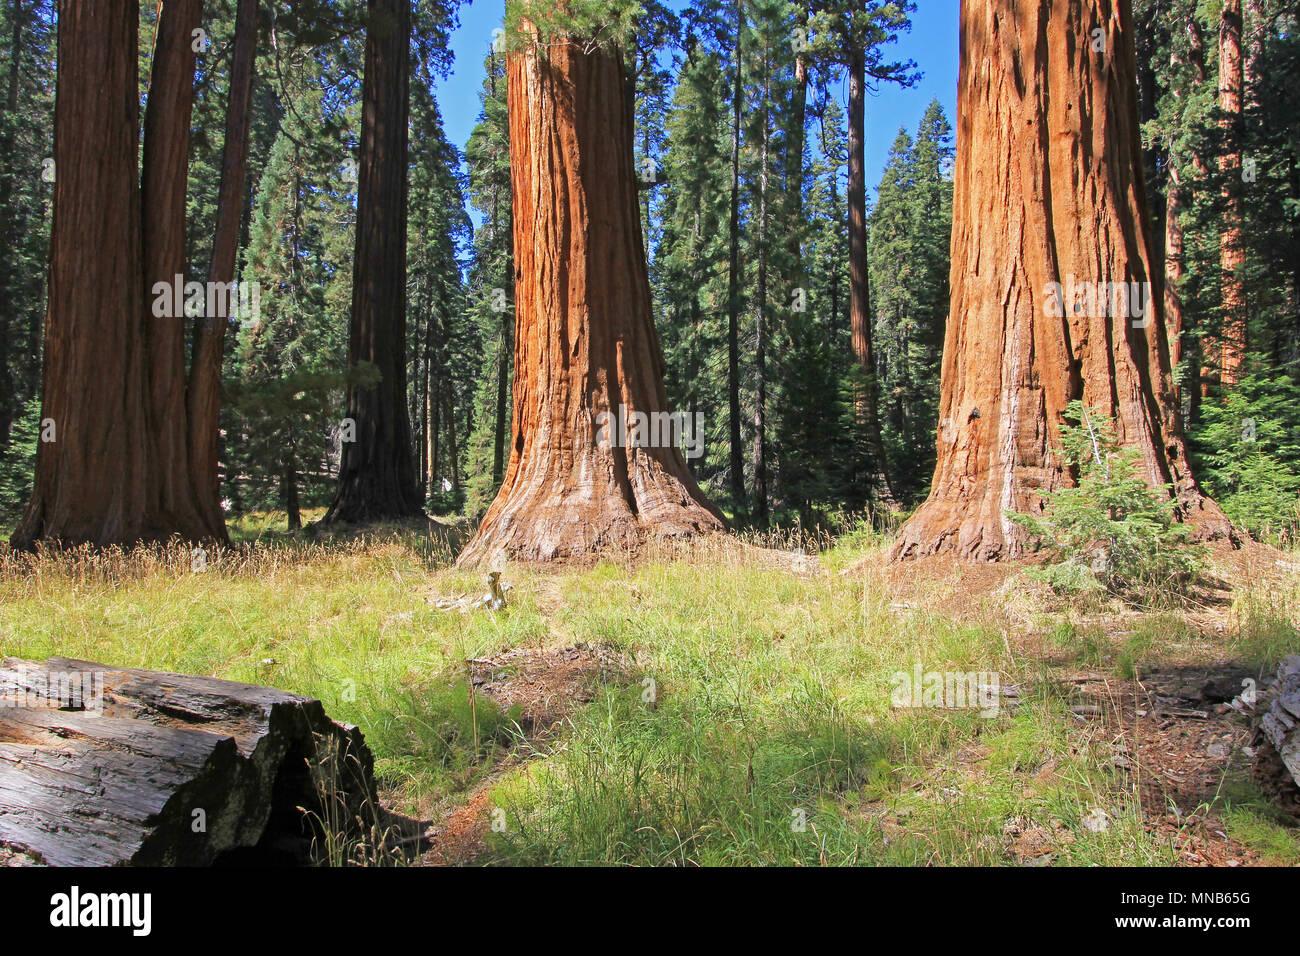 Les arbres Séquoia géant à Sequoia National Park, Californie Banque D'Images